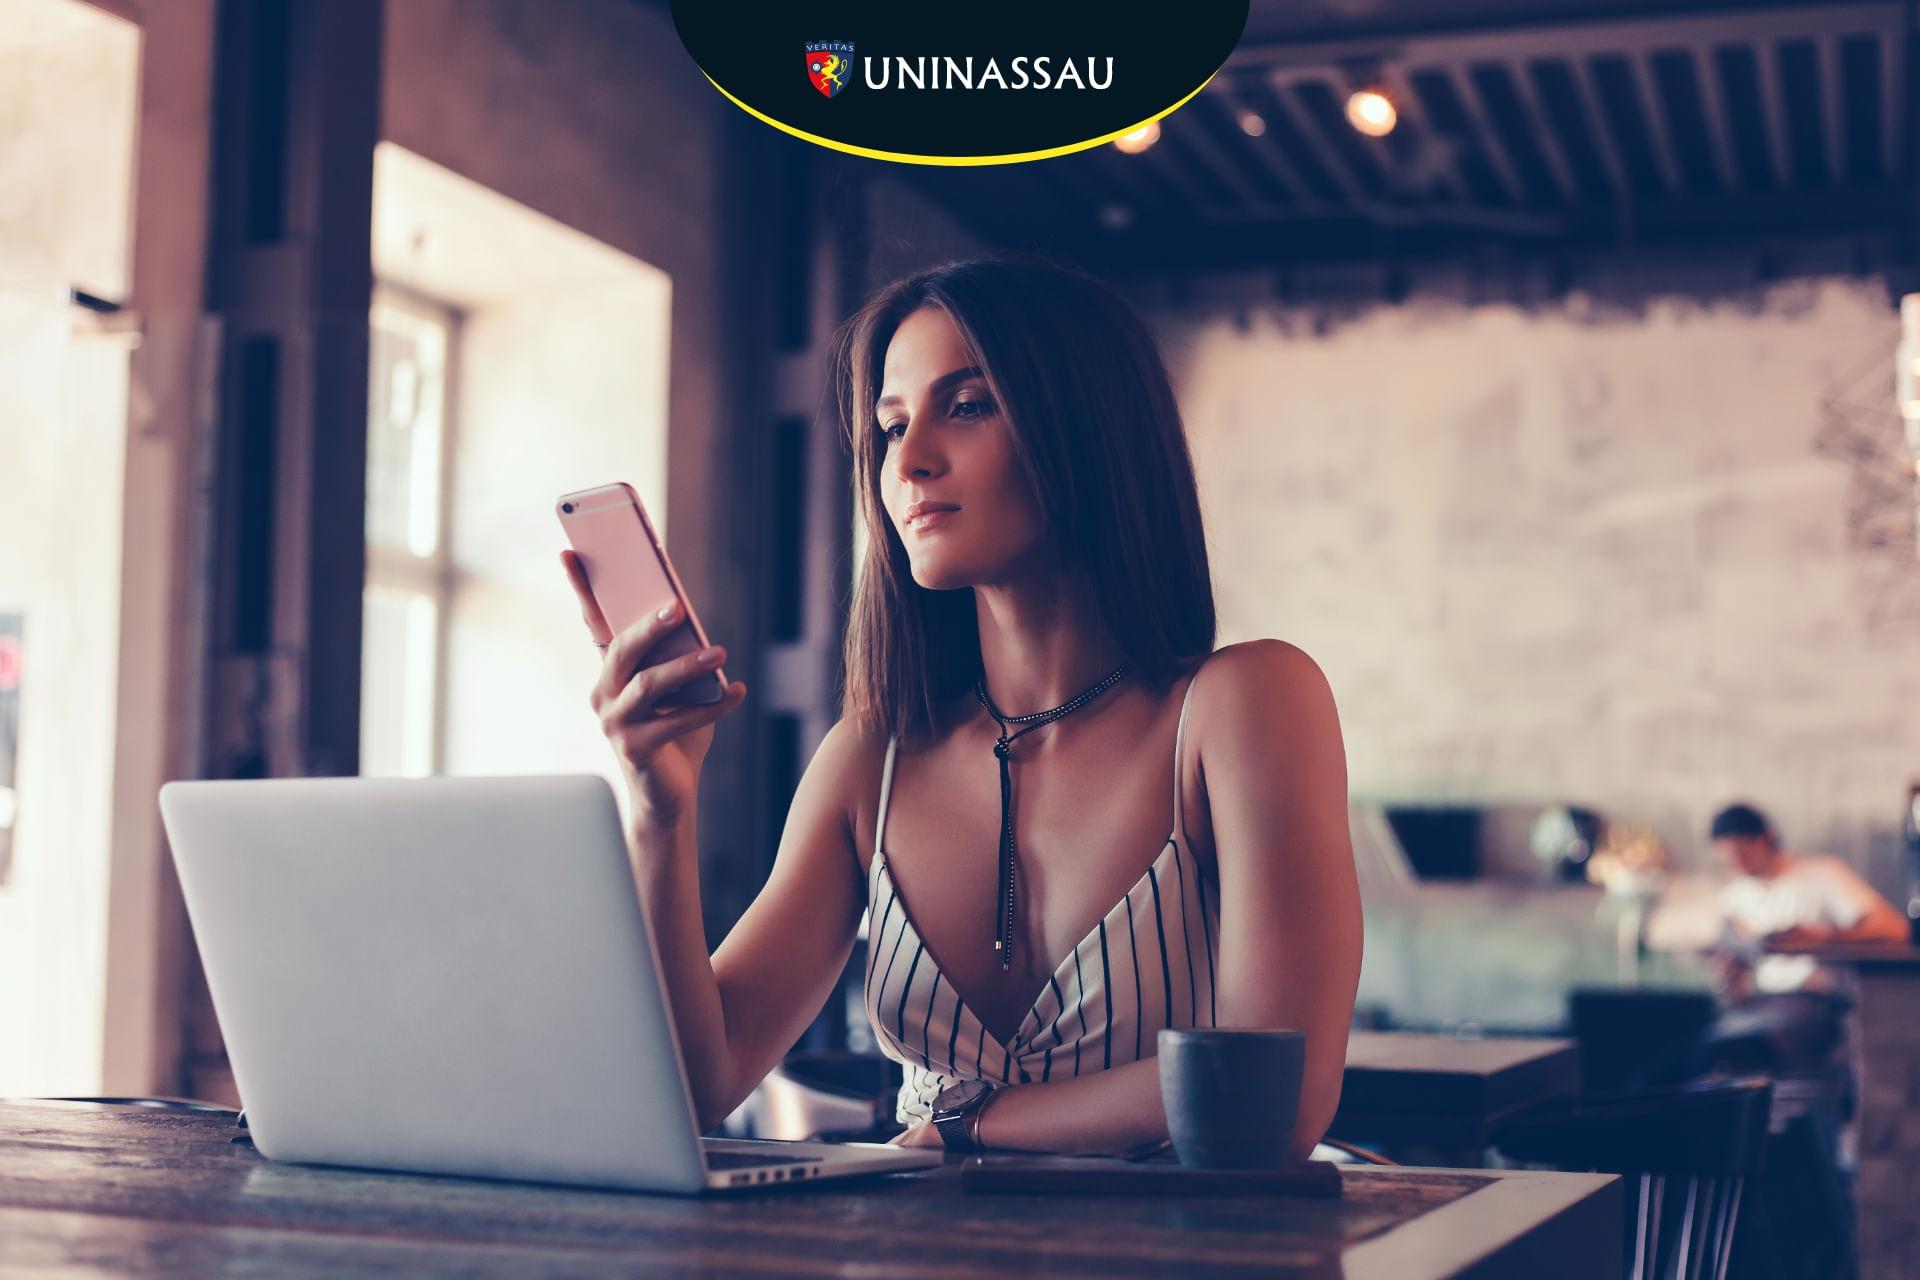 Desenvolvimento-de-Aplicacoes-para-Internet--DISCIPLINA-UNINASSAU-